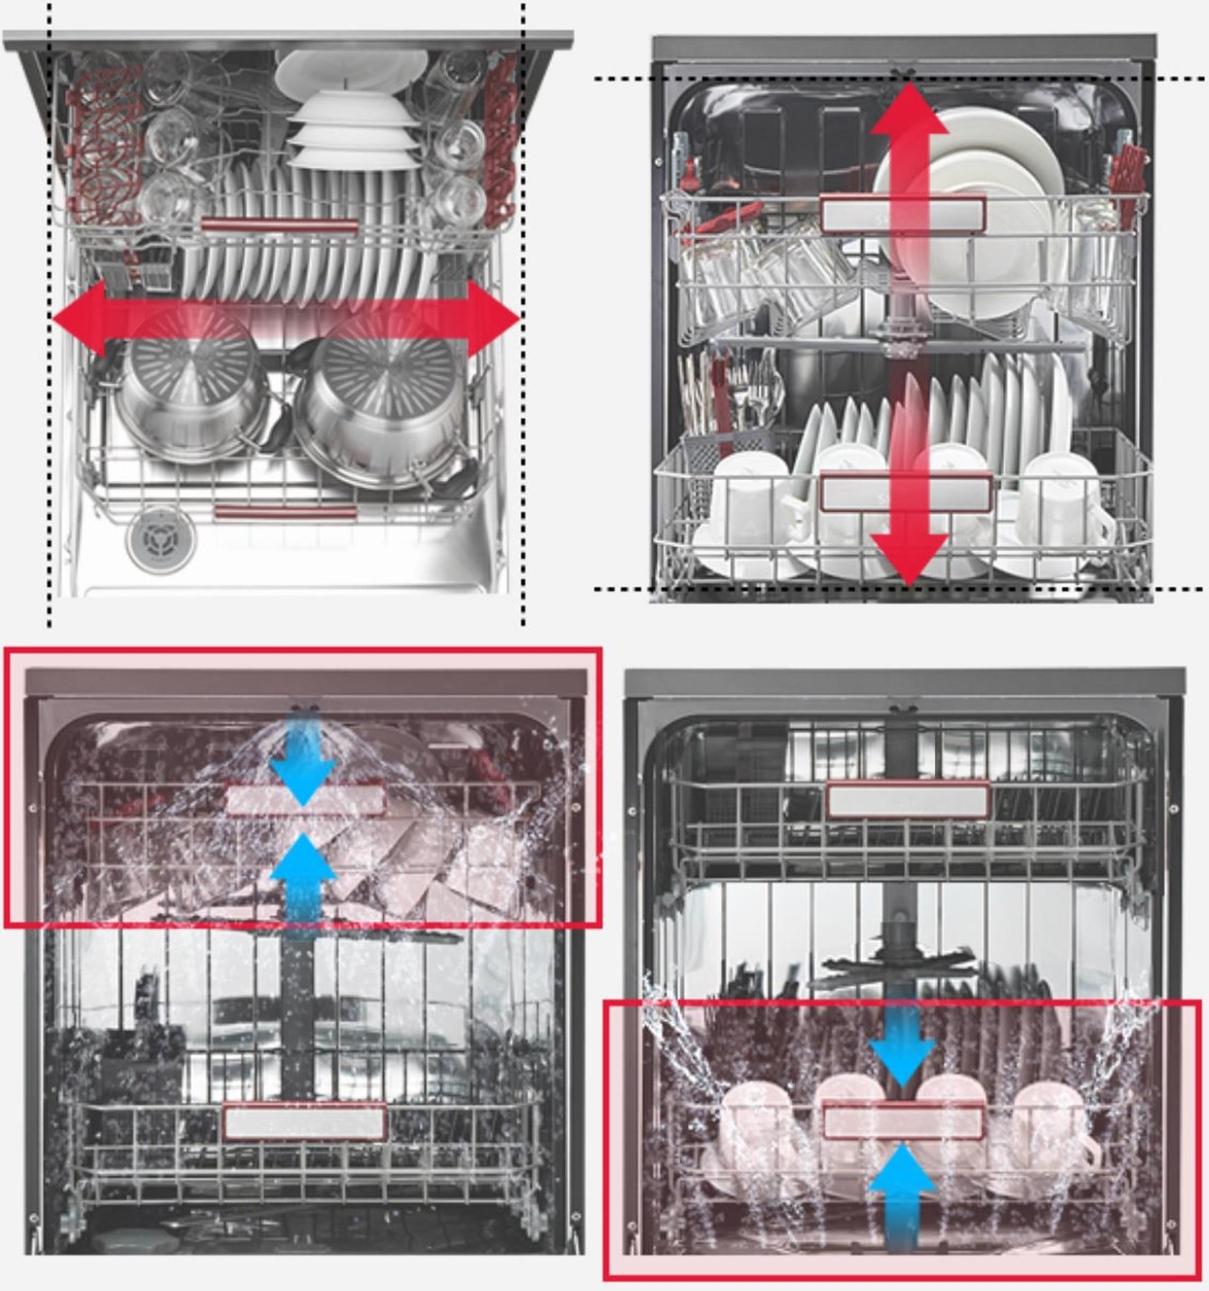 ▲ (위)3~5인 가구에 적합한 와이드한 수납공간과 (아래)상하단 분리 세척이 가능해 상황에 따라 선택 세척을 할수있다.